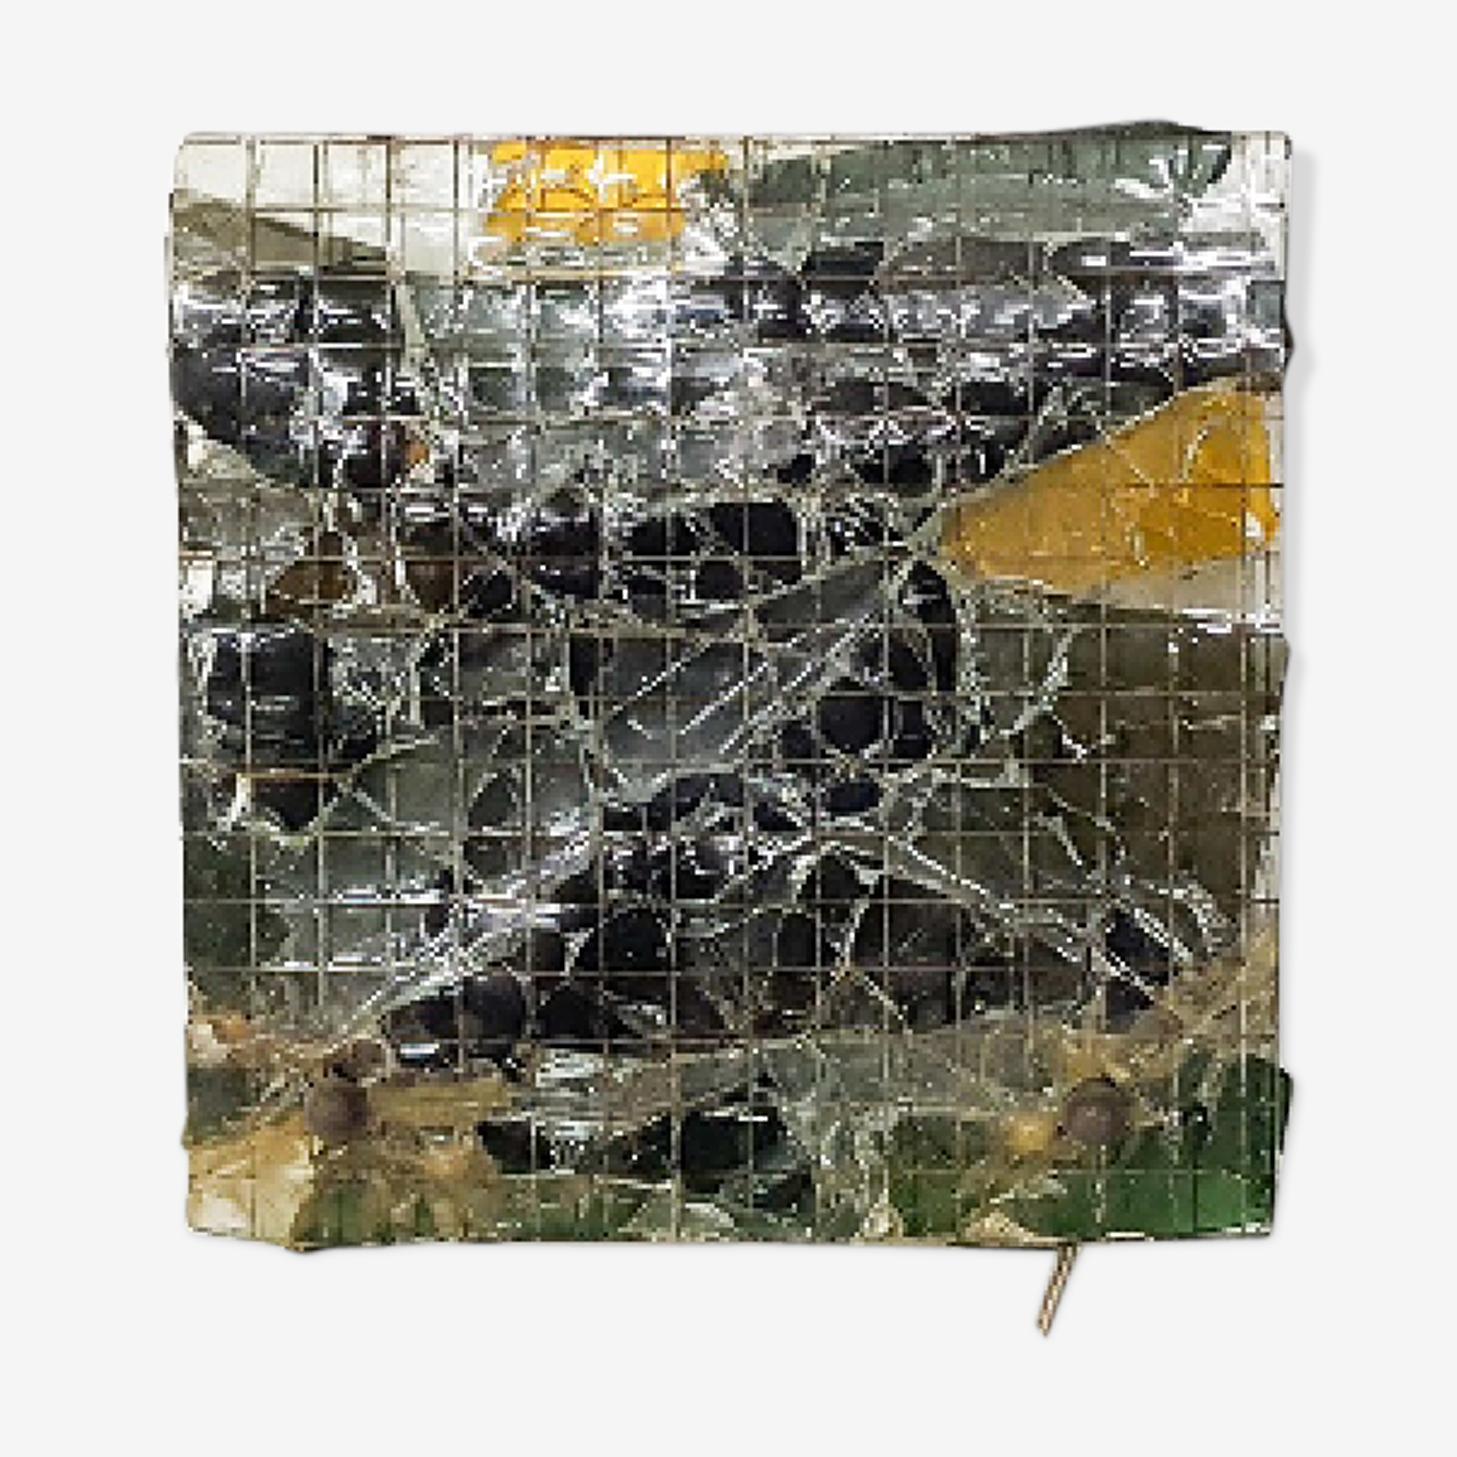 Applique en verre brutaliste les Pays-bas des années 1970